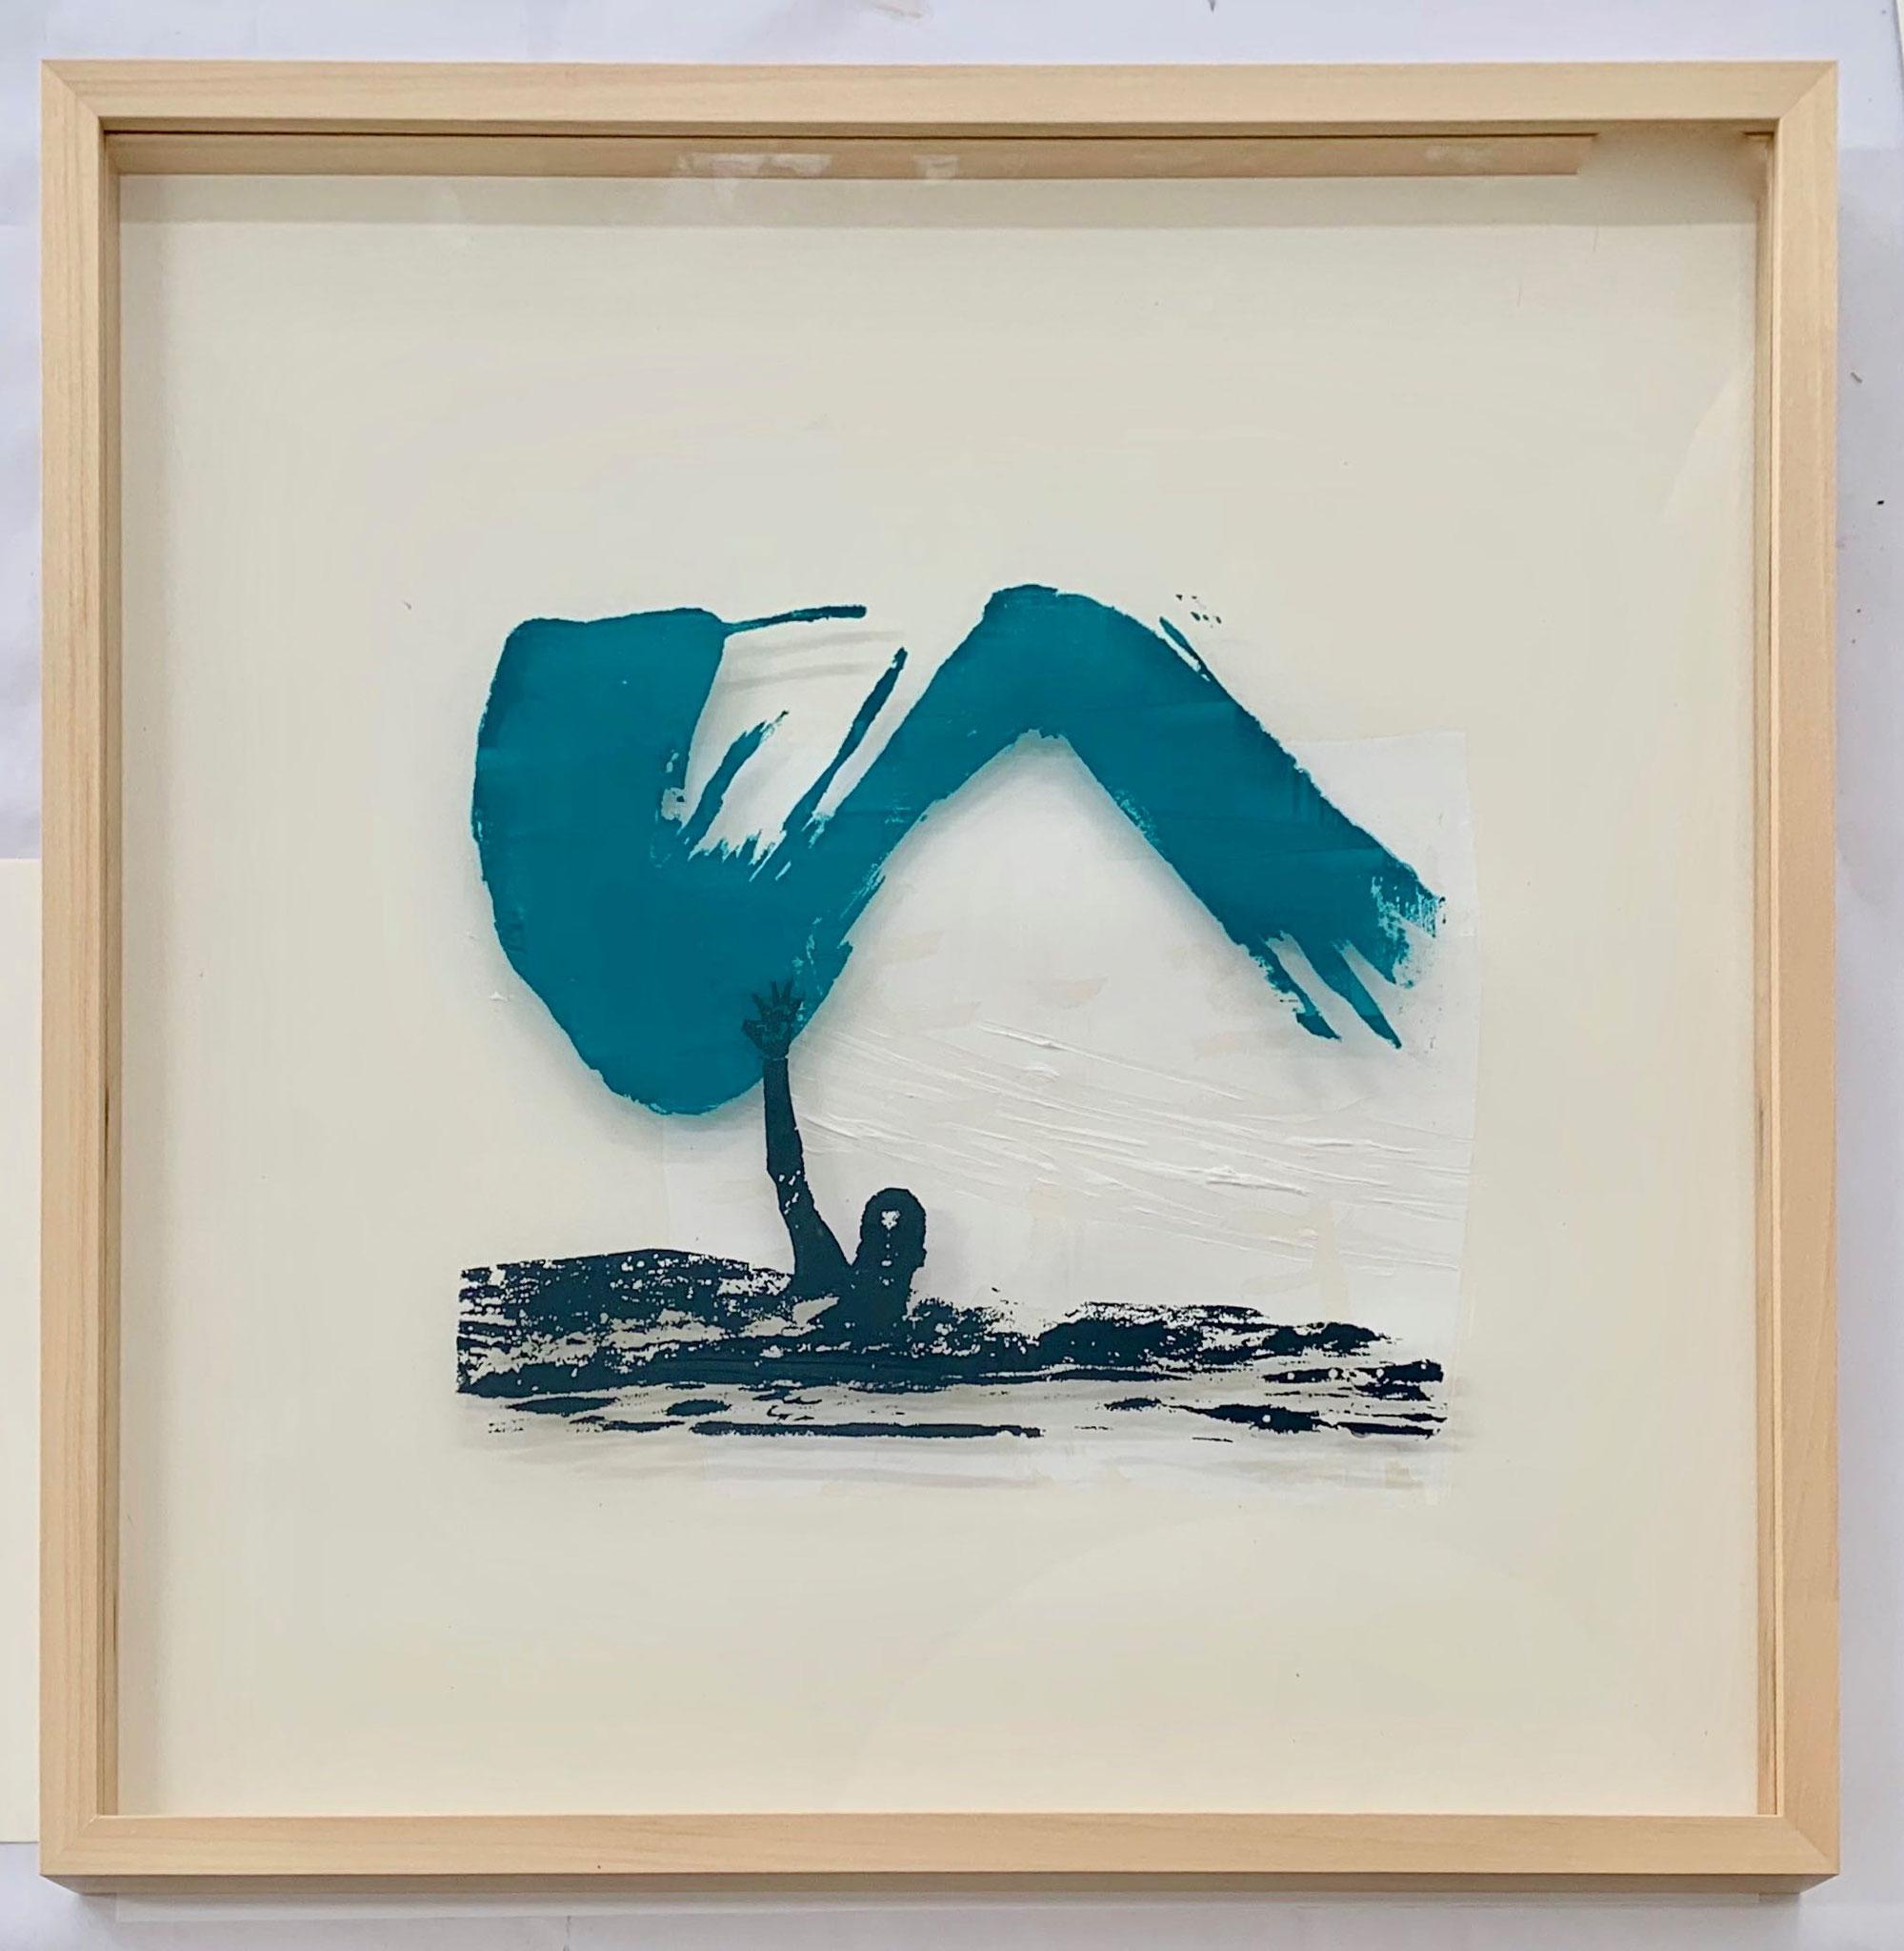 Alleinschwimmer, Siebdruck auf Acrylglas, 50 x 50 cm, gerahmt, 2019